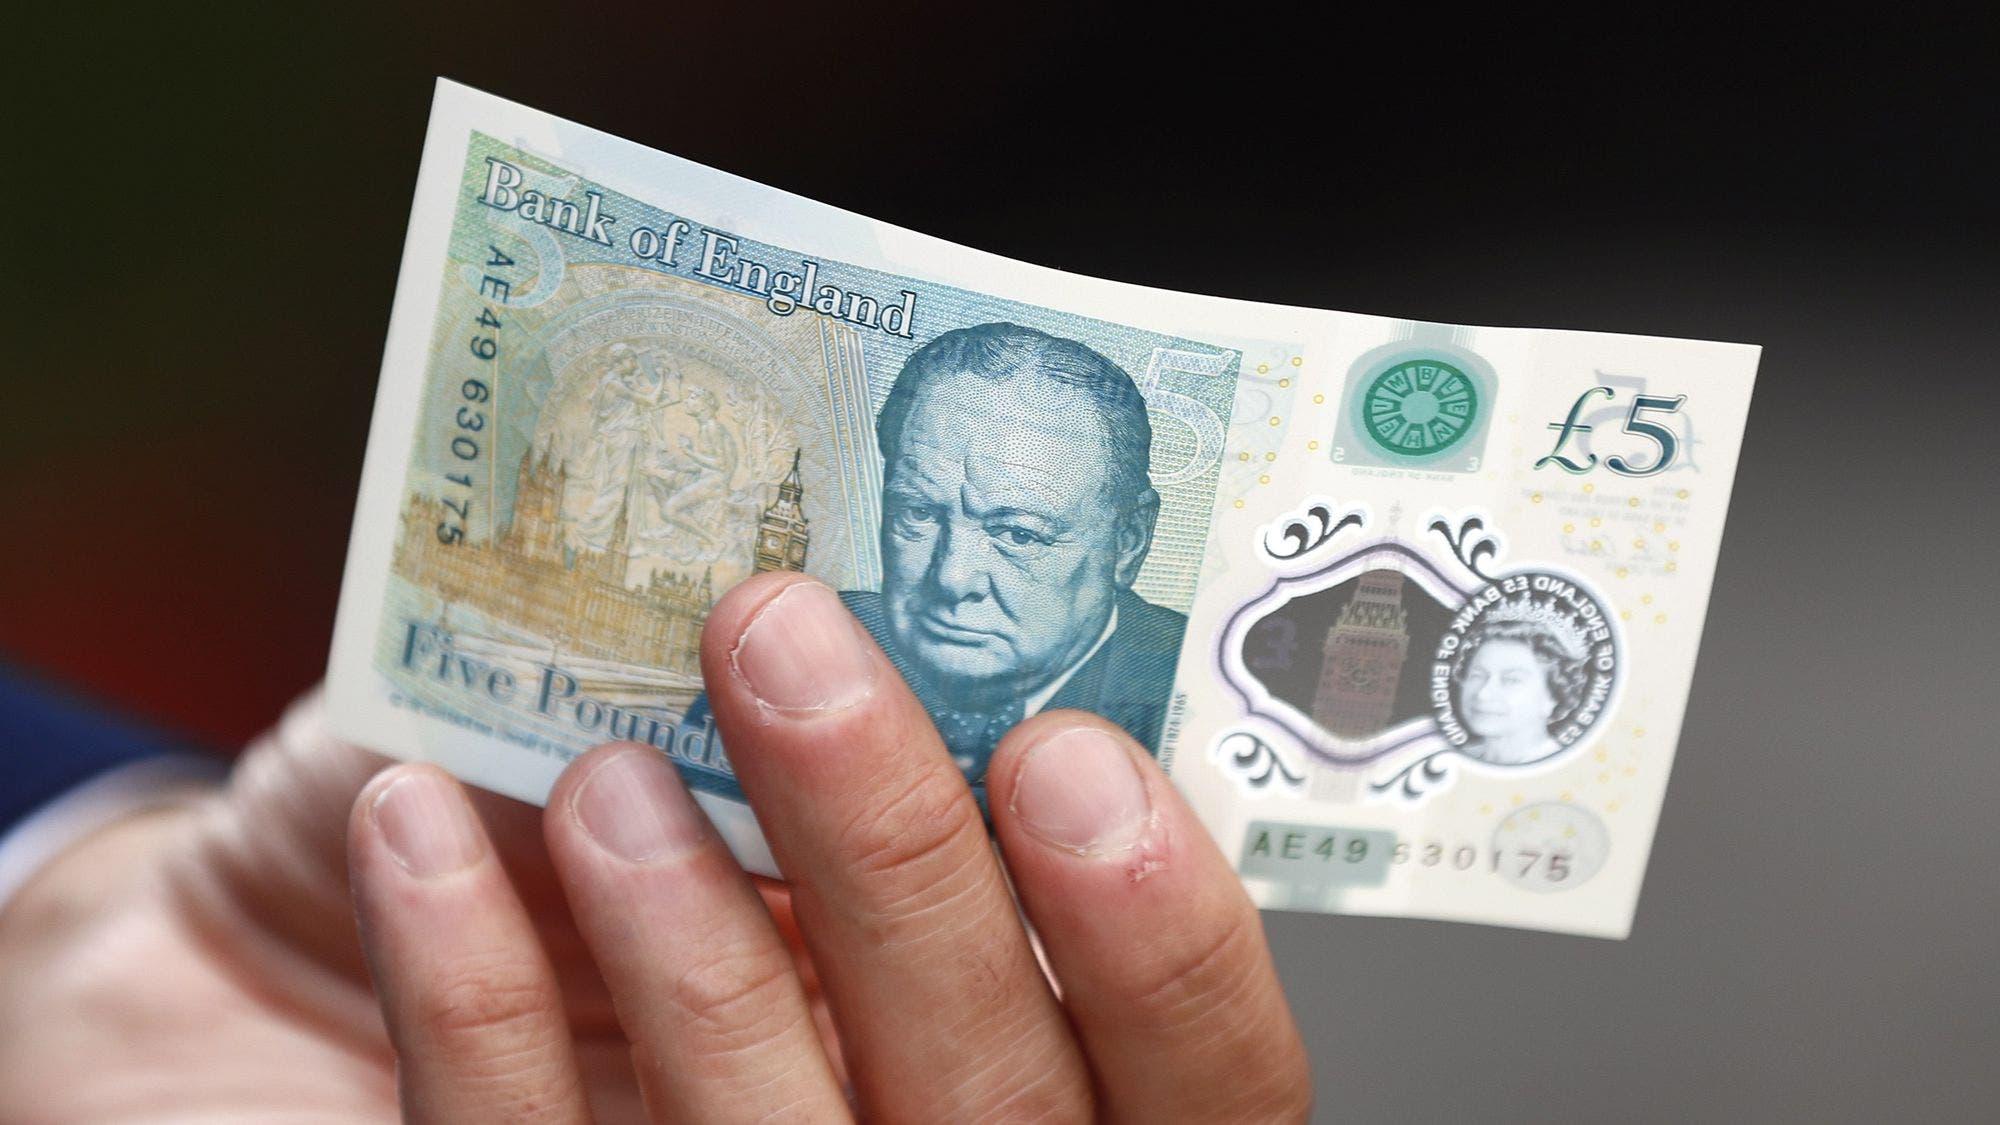 Veganos británicos piden sacar de circulación el nuevo billete de 5 libras